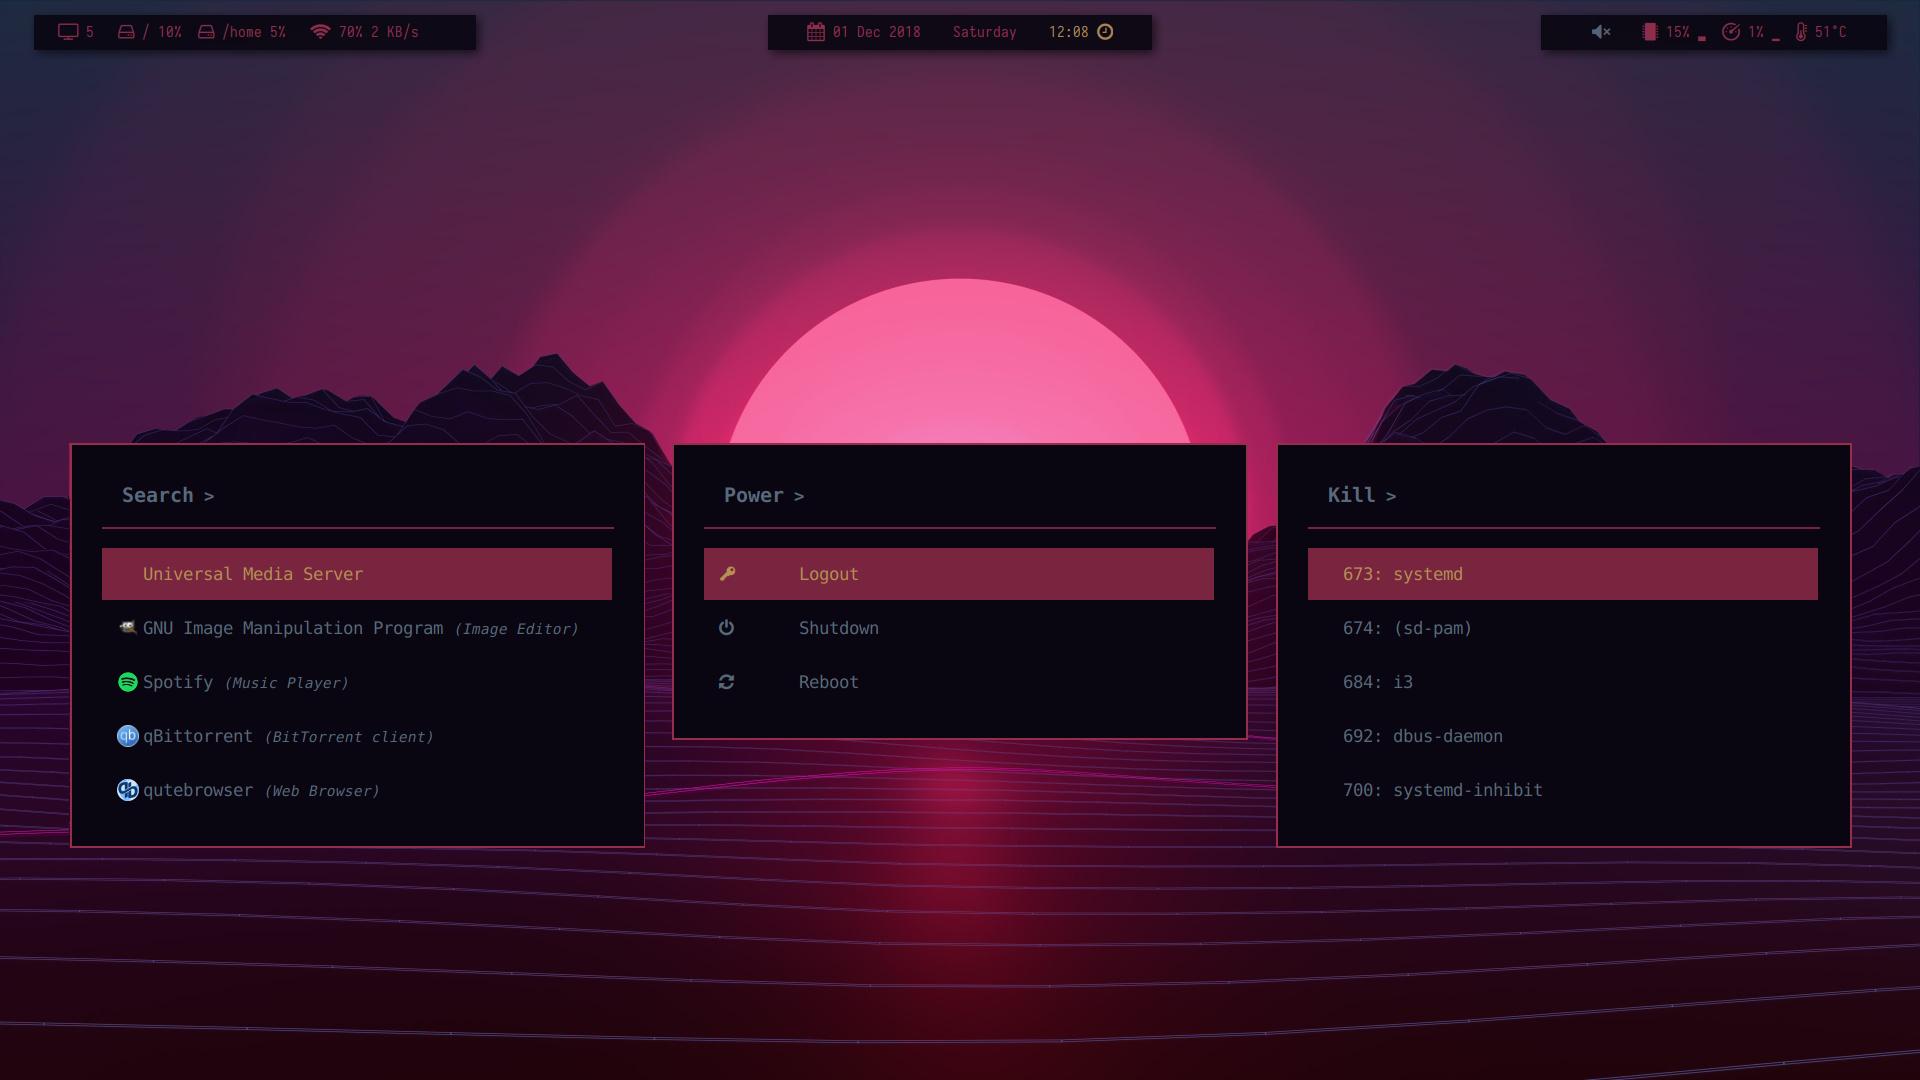 Show Me Your Rofi - Rofi - ArchLabs Linux